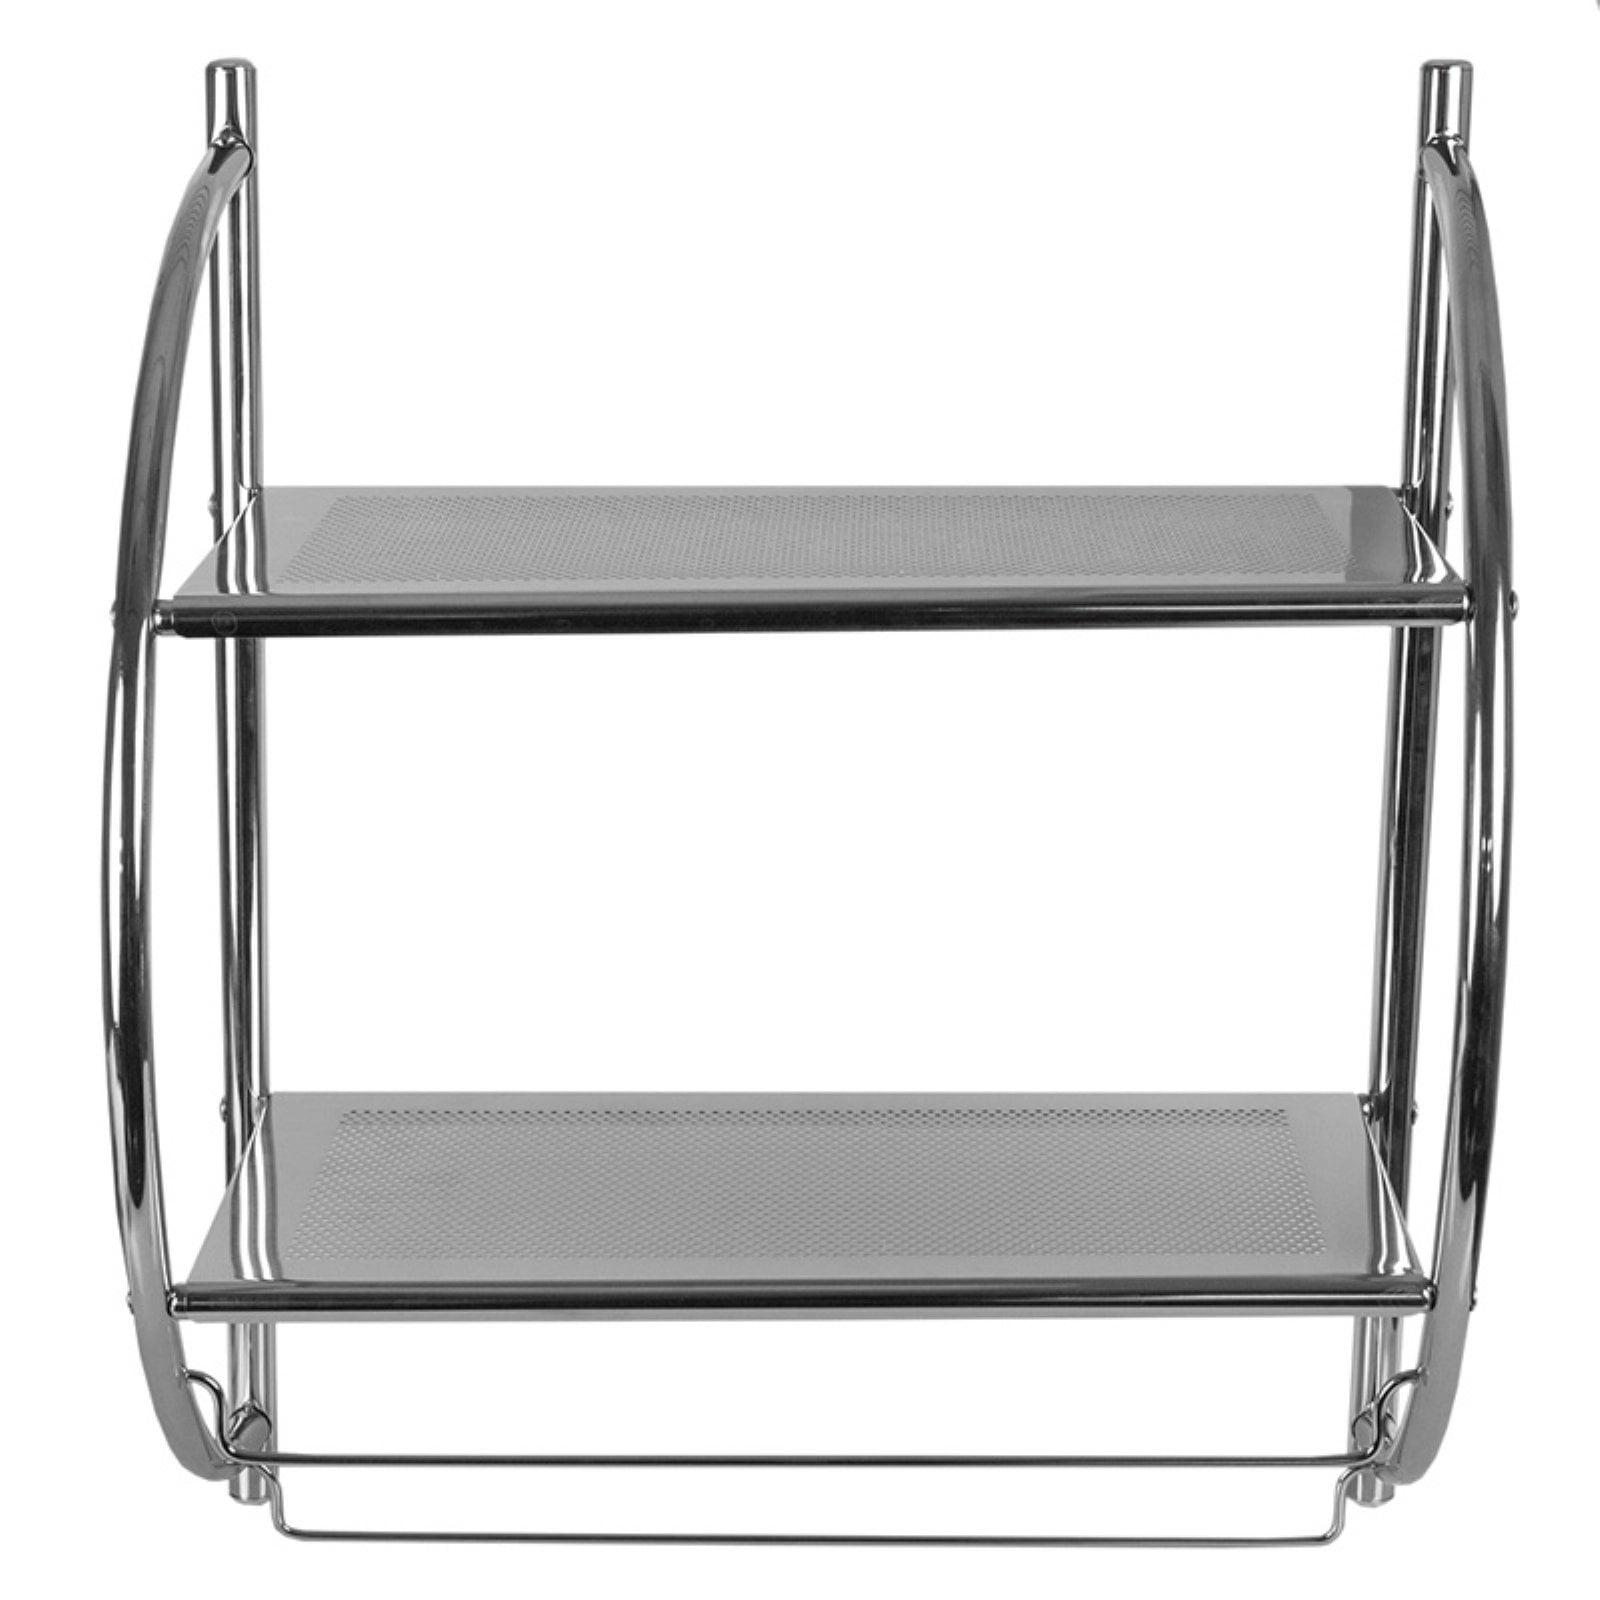 Home Basics 2 Tier Bathroom Shelf Storage Unit Chrome Walmart Com Walmart Com